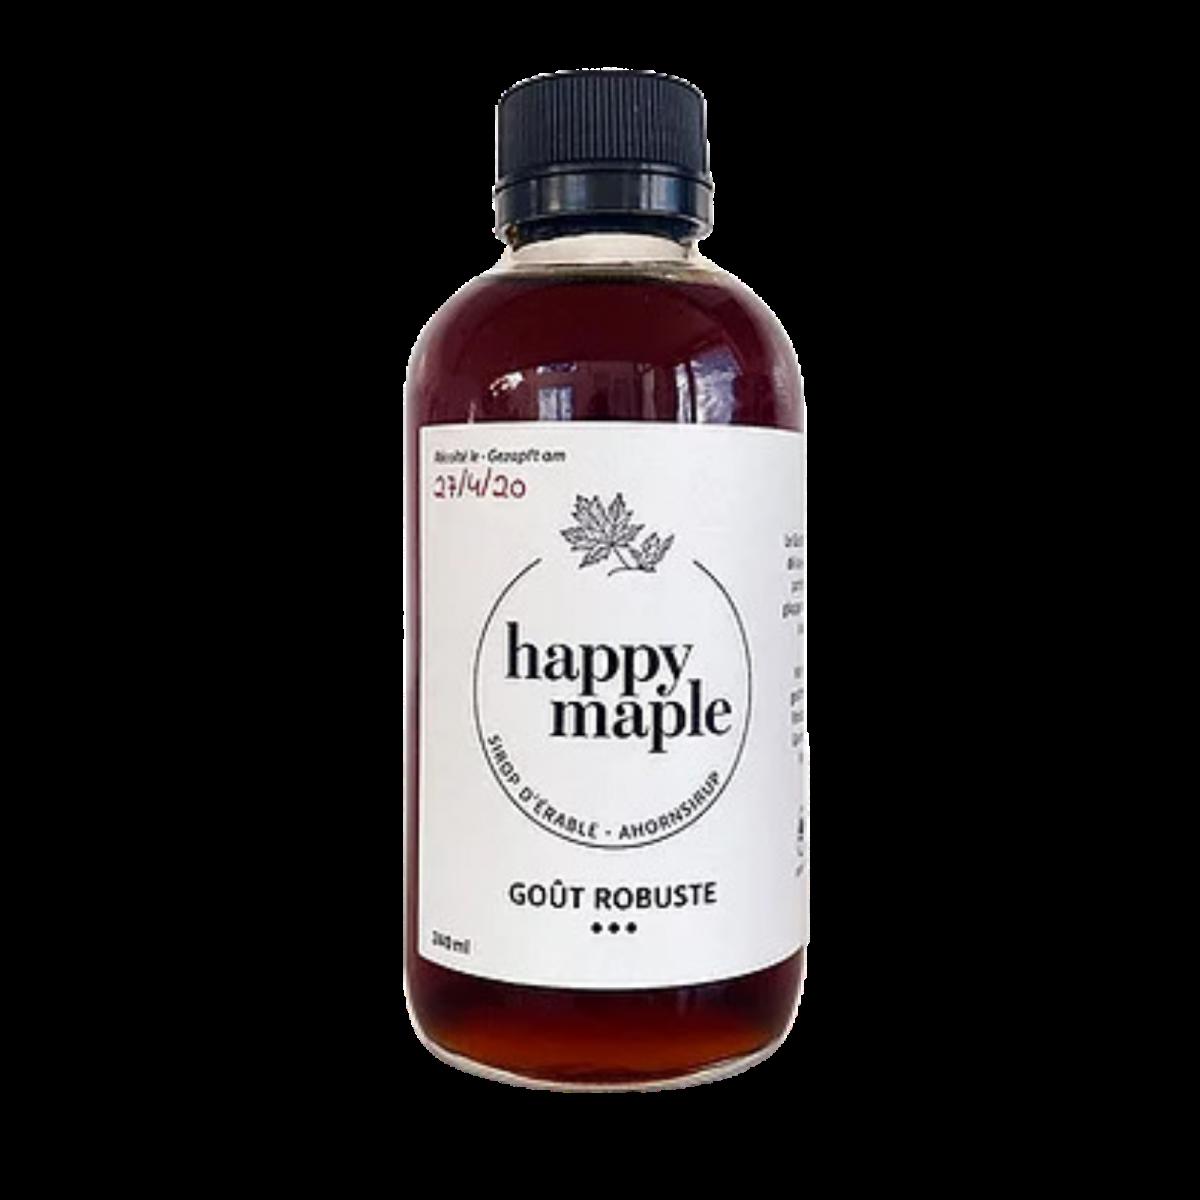 Sirop d'érable - Goût Robuste - Happy Maple - Sucré - HM3002